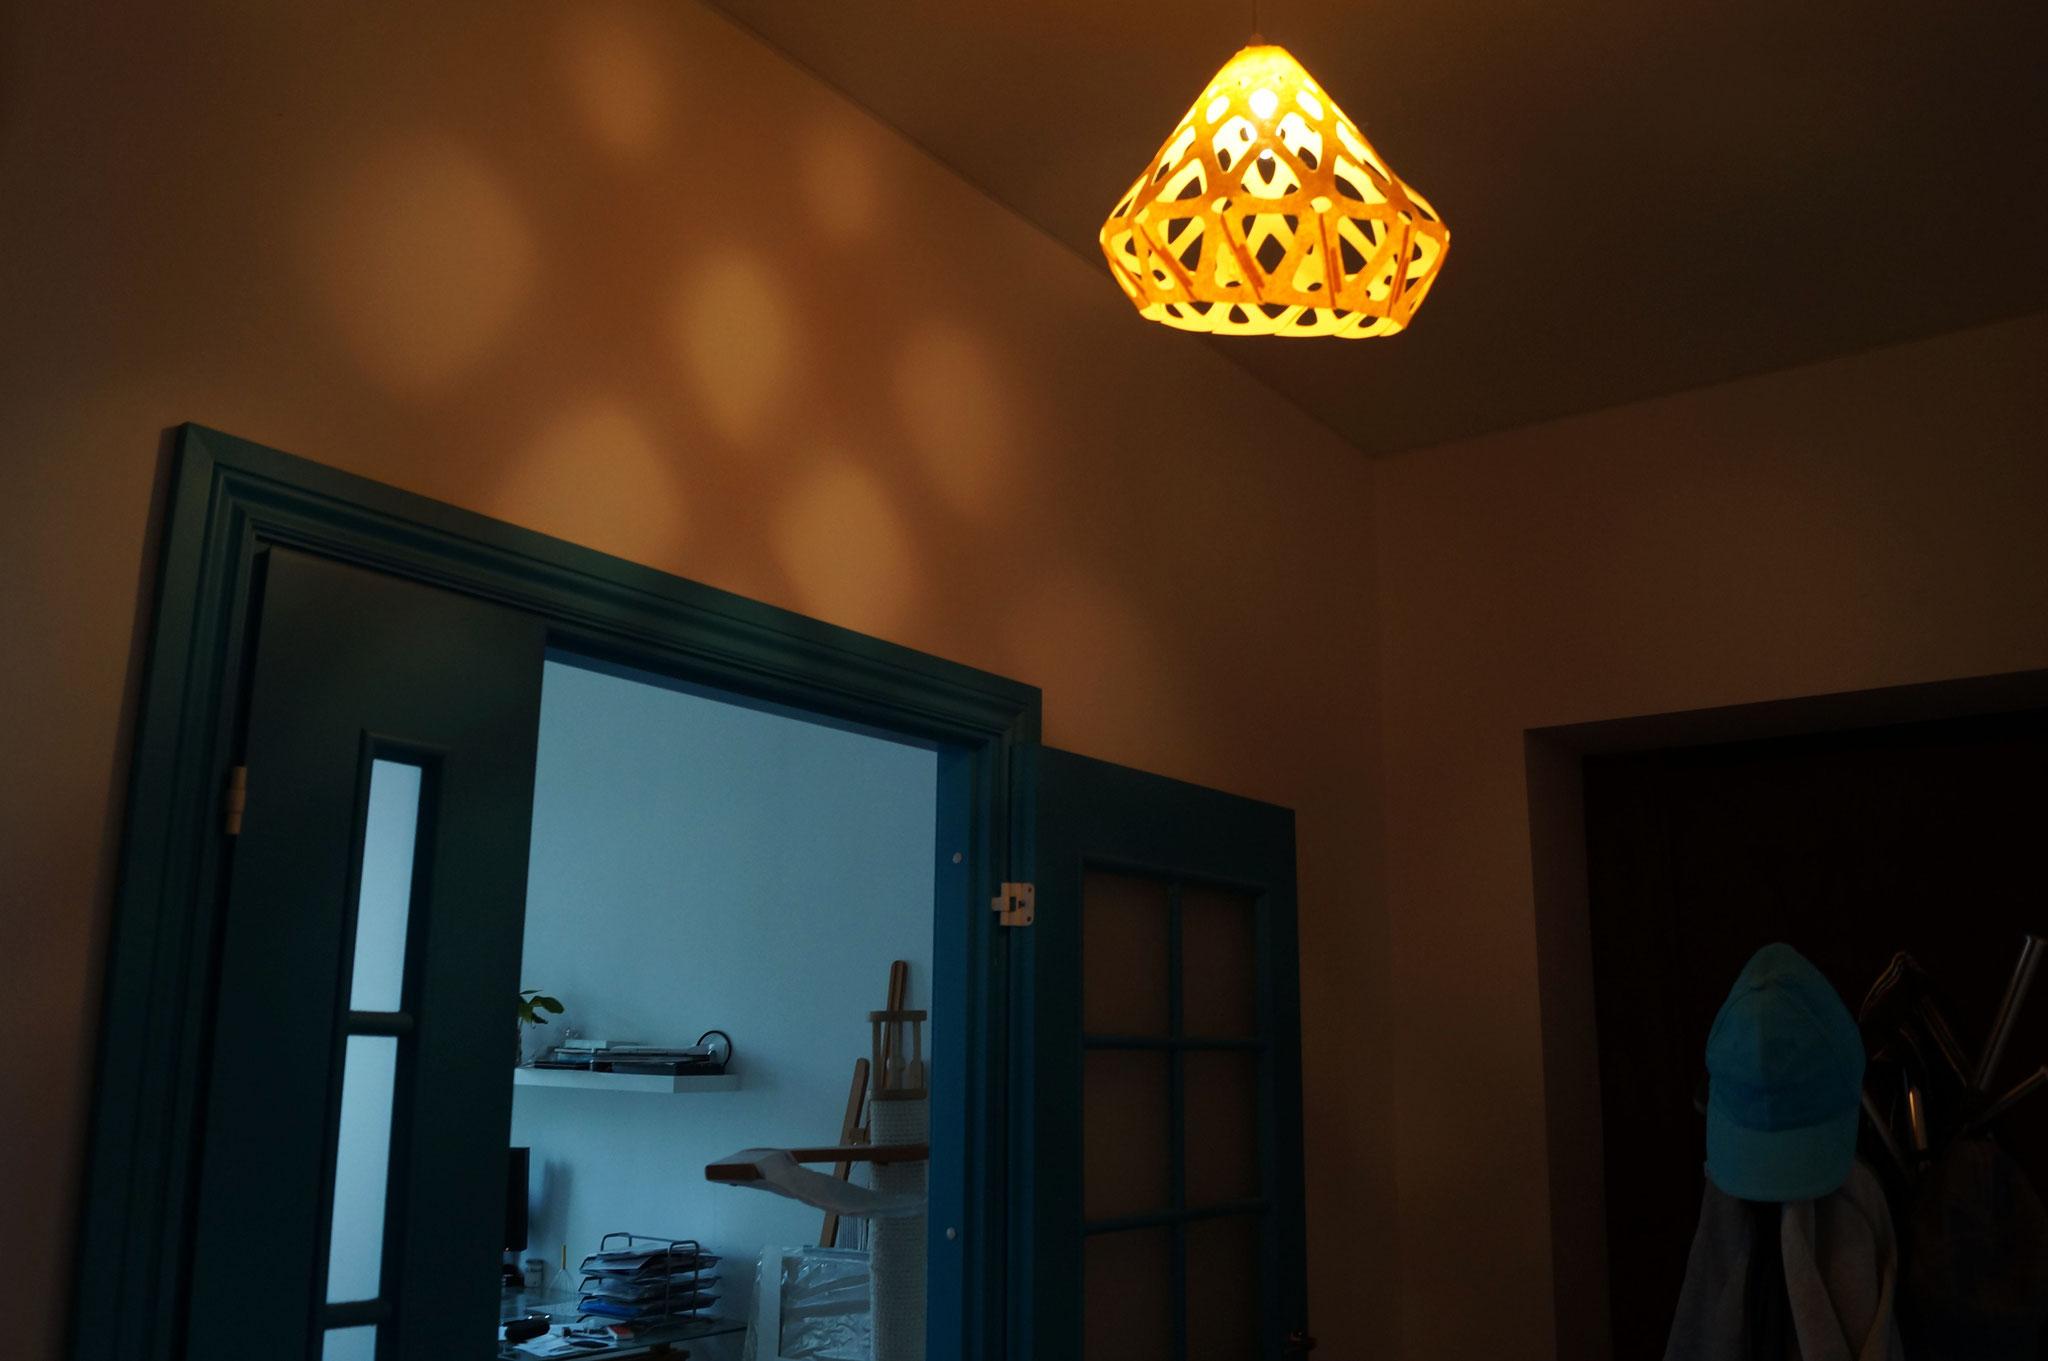 Желтый подвесной светильник ZAHA LIGHT в прихожей делает невероятные узоры на стене.